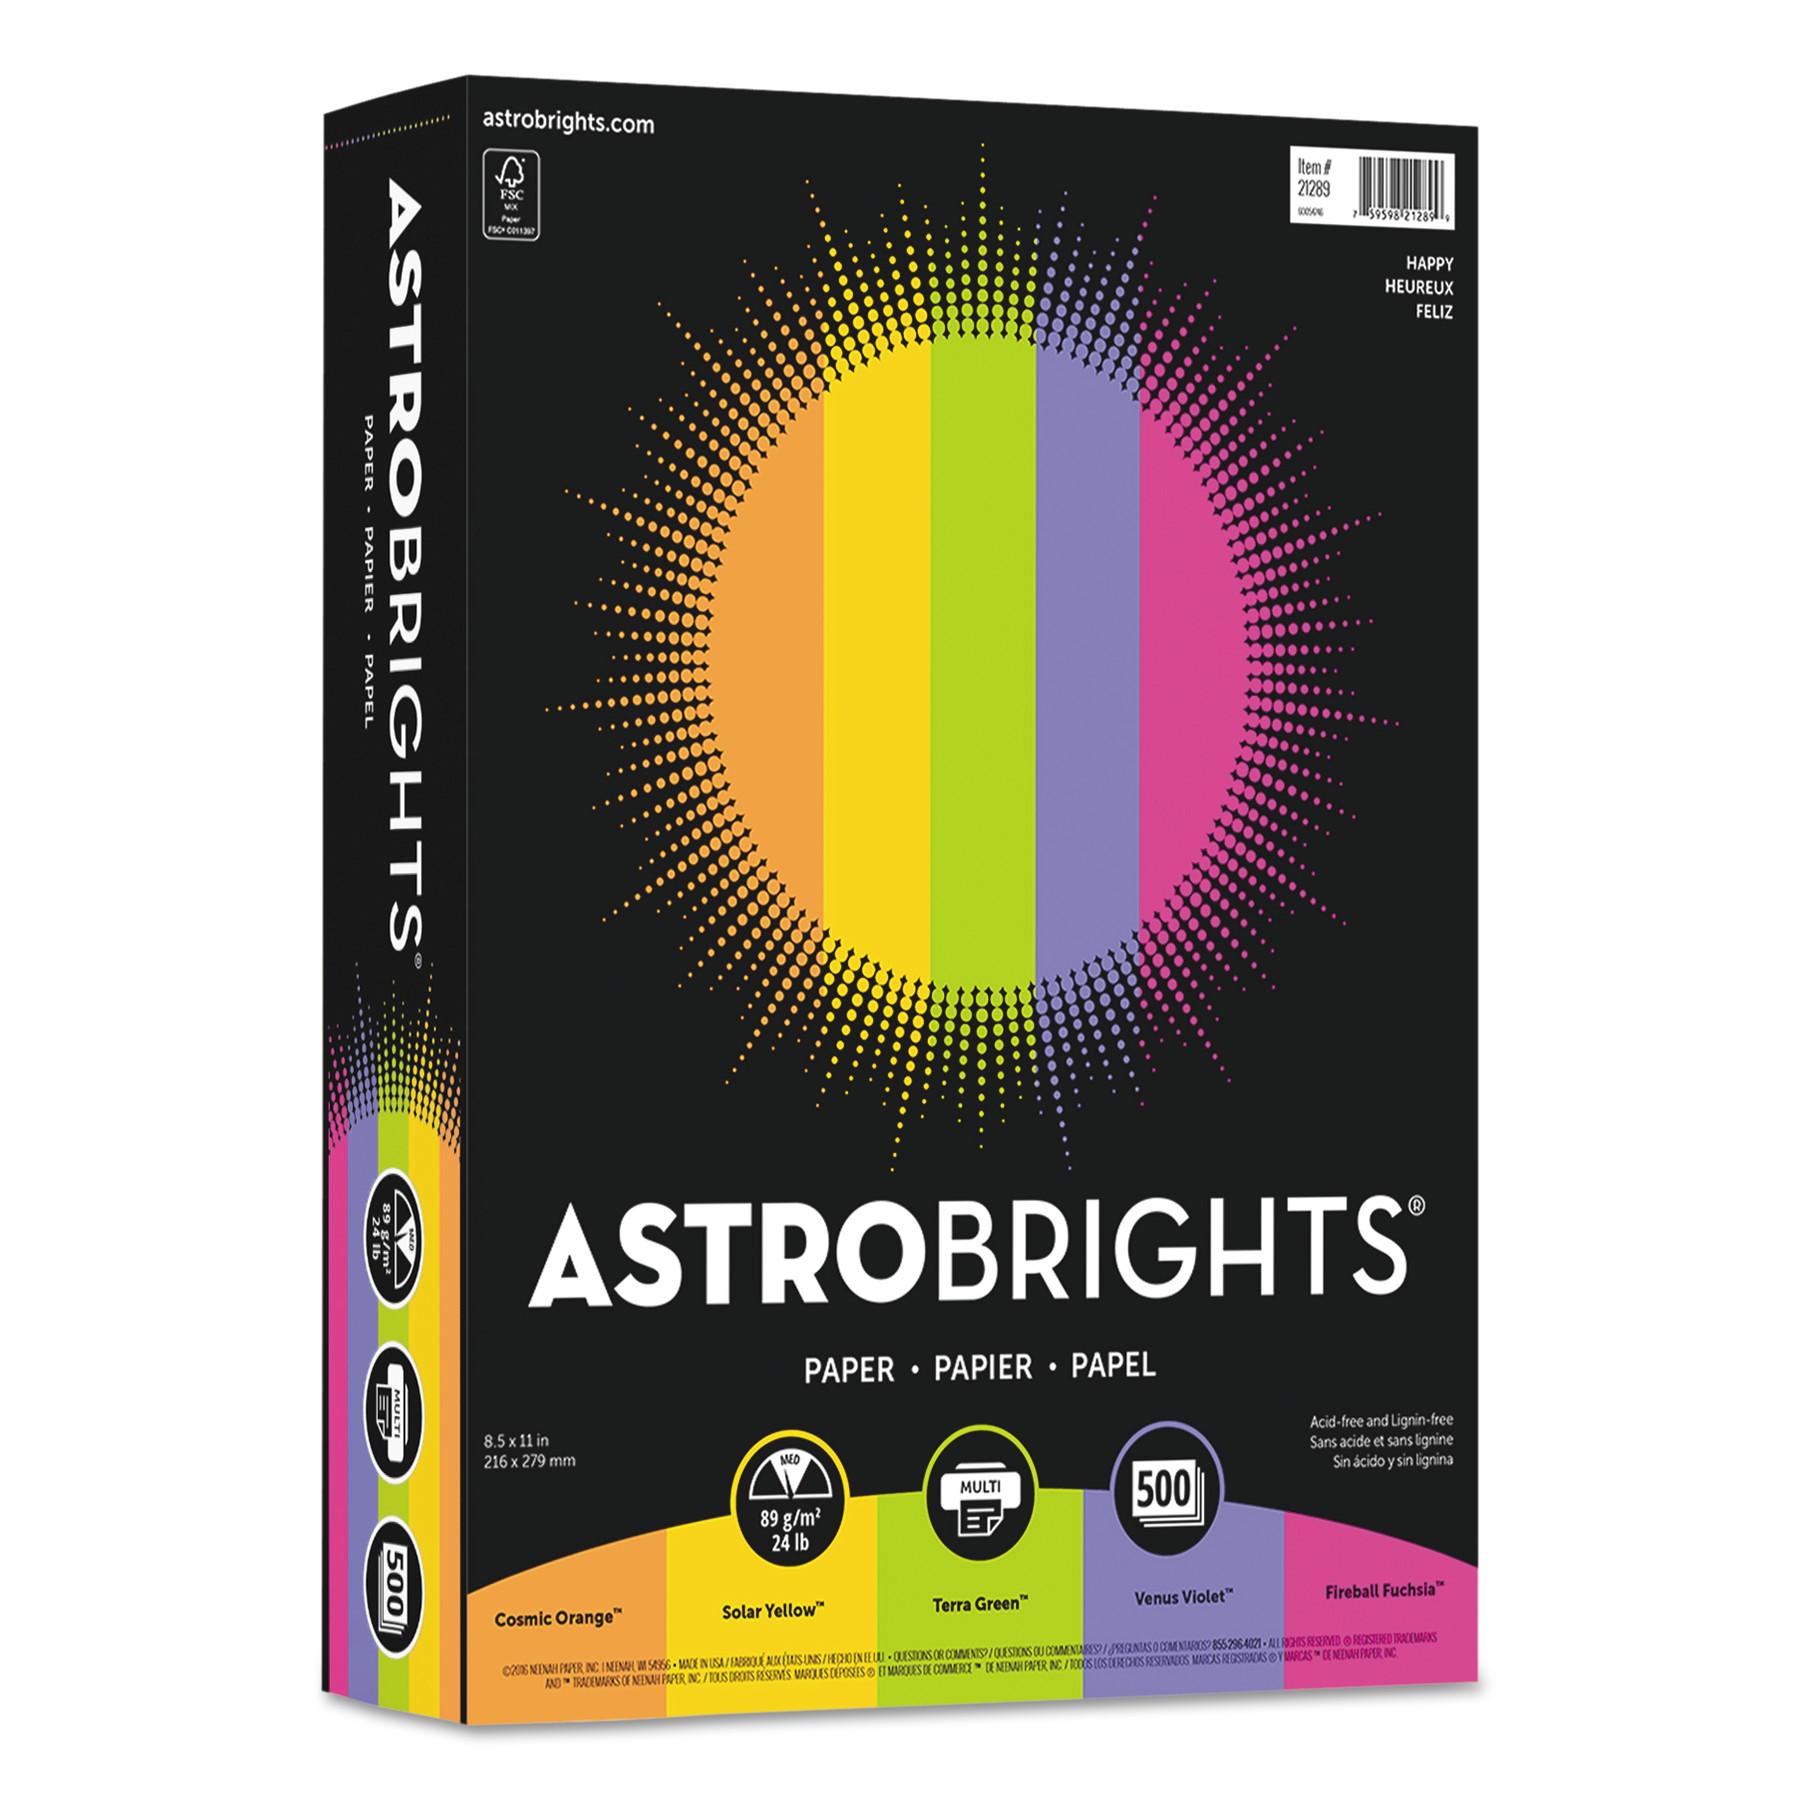 """Astrobrights Color Paper - """"Happy"""" Assortment, 24lb, 8 1/2 x 11, 5 Colors, 500 Sheets -WAU21289"""